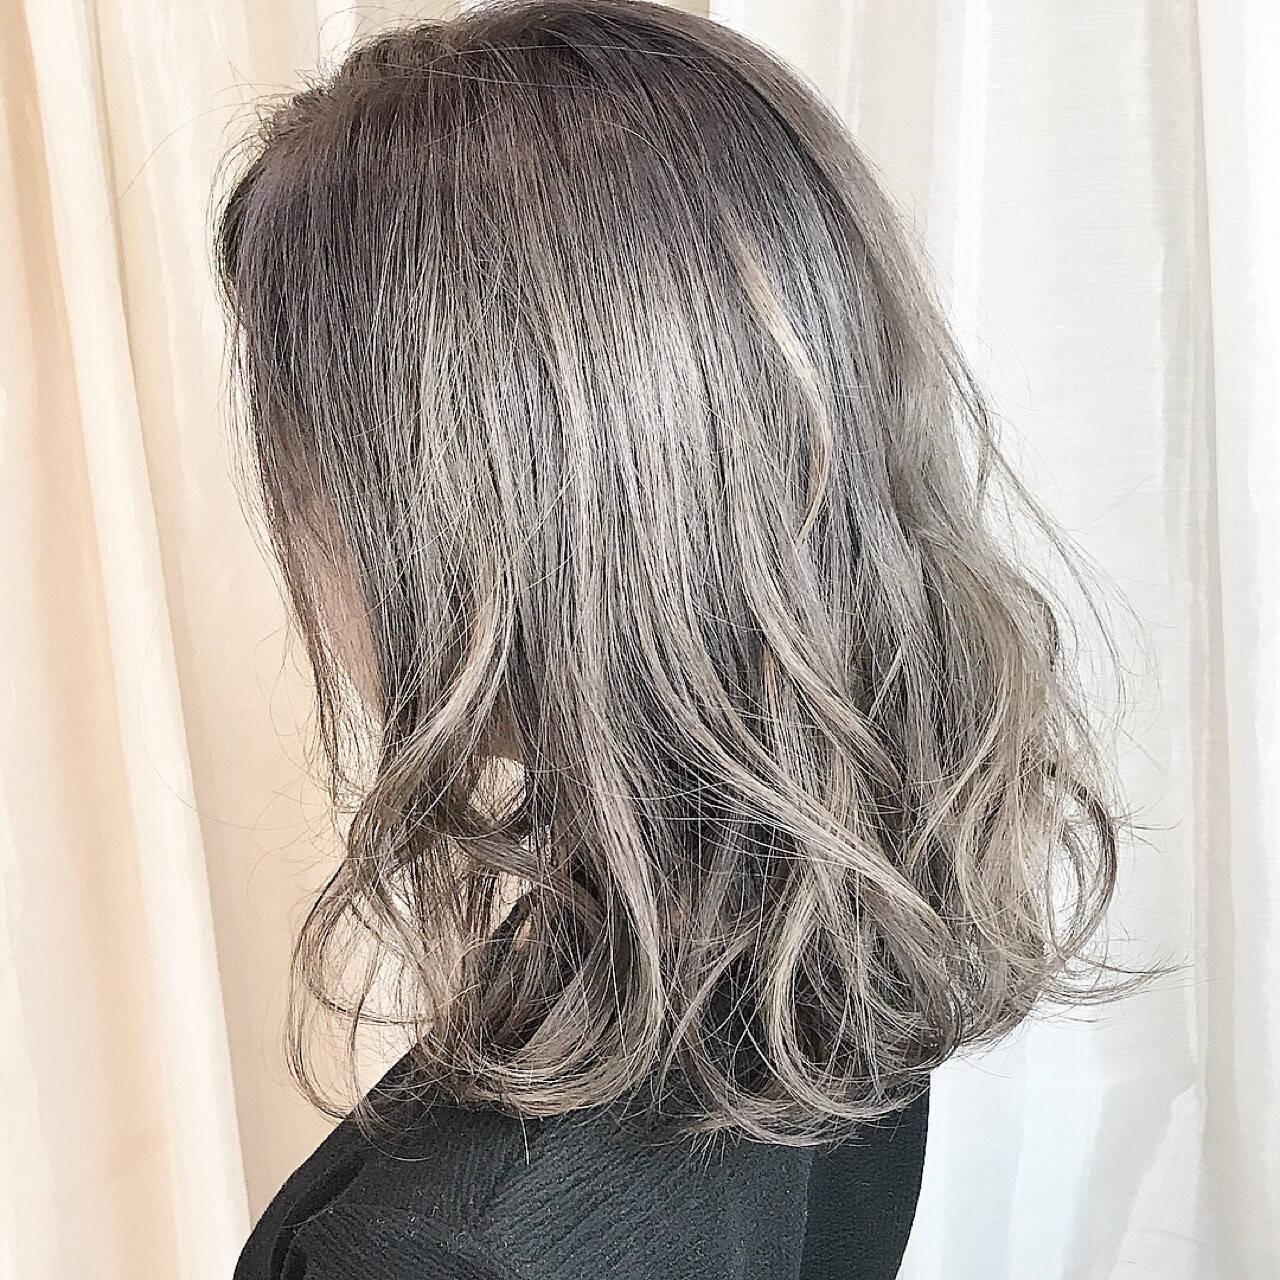 グレー シルバー ナチュラル シルバーアッシュヘアスタイルや髪型の写真・画像